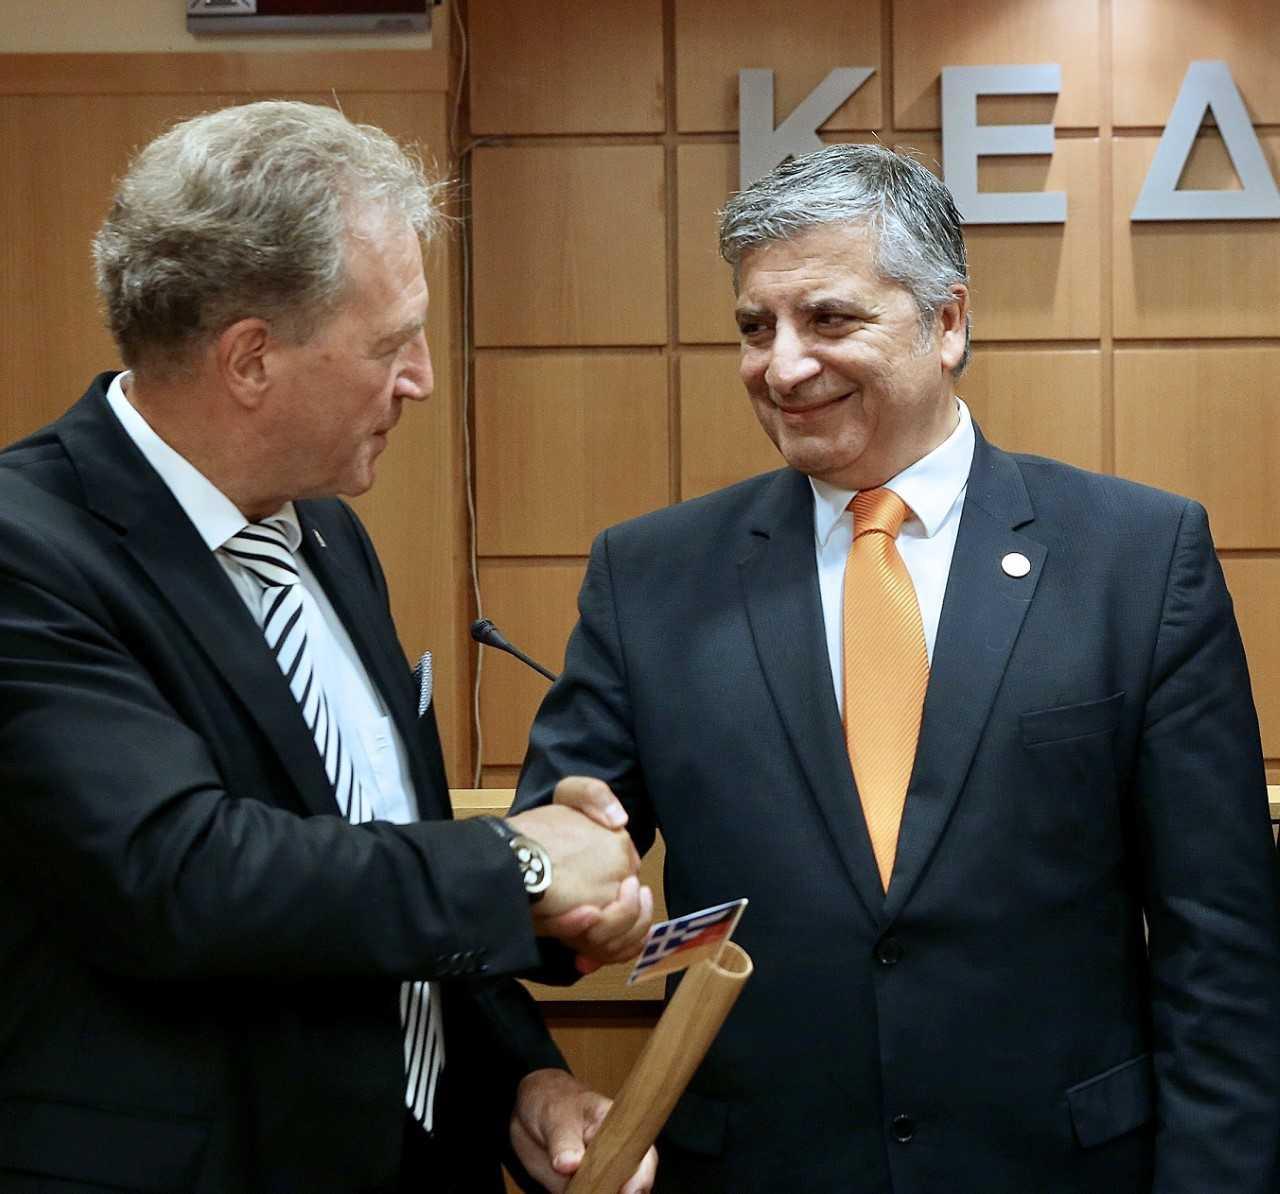 Συνάντηση του Προέδρου της ΚΕΔΕ Γ. Πατούλη με τον Κοινοβουλευτικό Υφυπουργό του Ομοσπονδιακού Υπουργείου Οικονομικής Συνεργασίας και Ανάπτυξης της Γερμανίας Νόρμπερτ Μπάρτλε